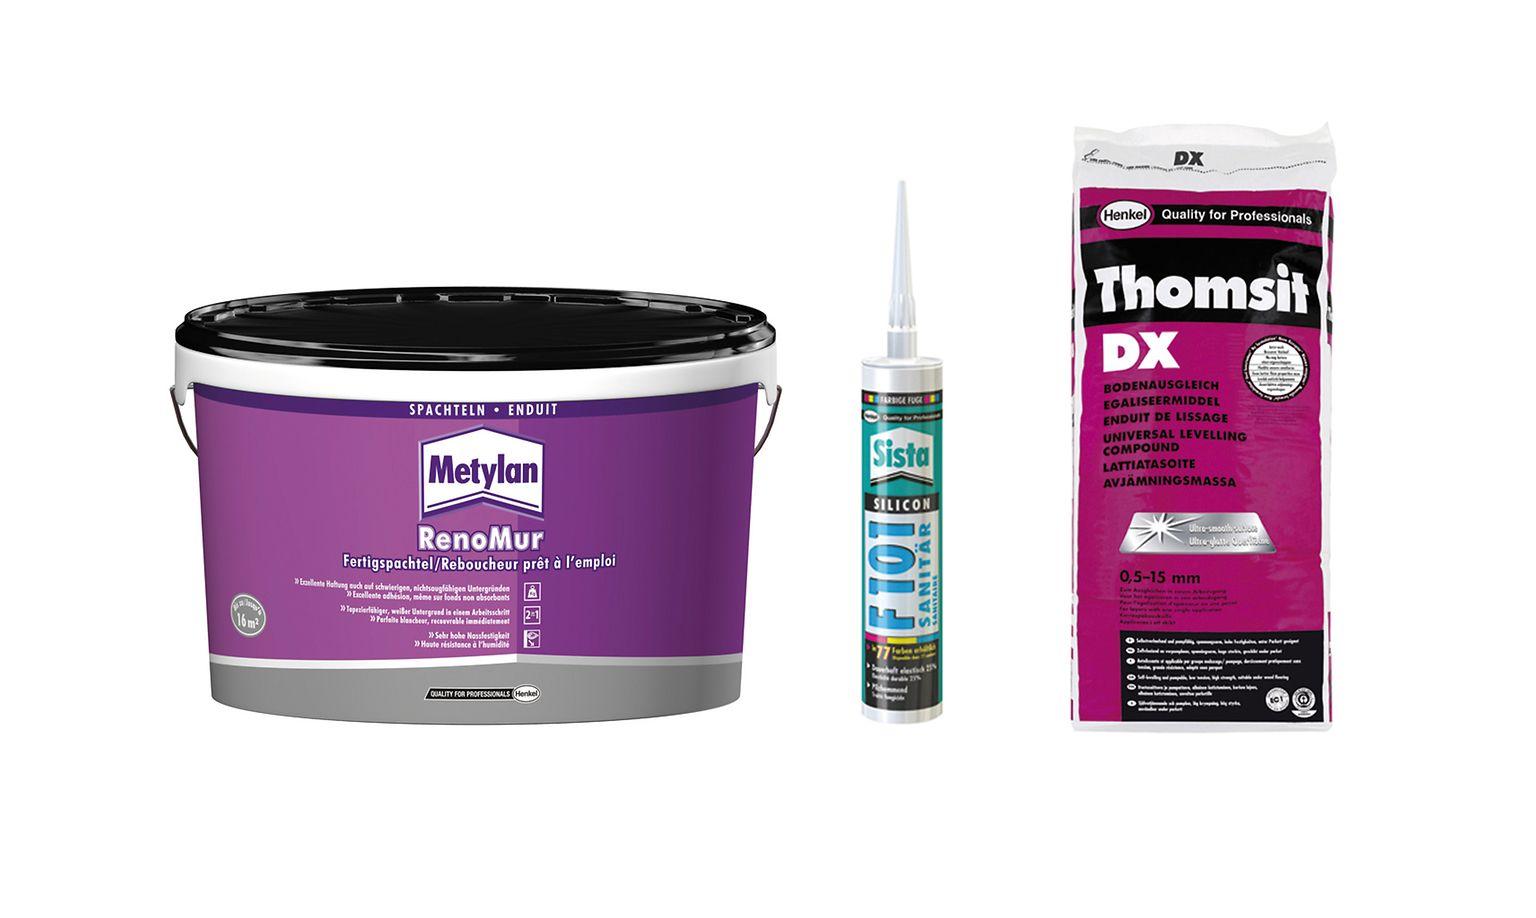 Für das Fachhandwerk bieten die Produkte der Marken Thomsit, Sista und Metylan für den gesamten Innenausbau Qualität aus einer Hand